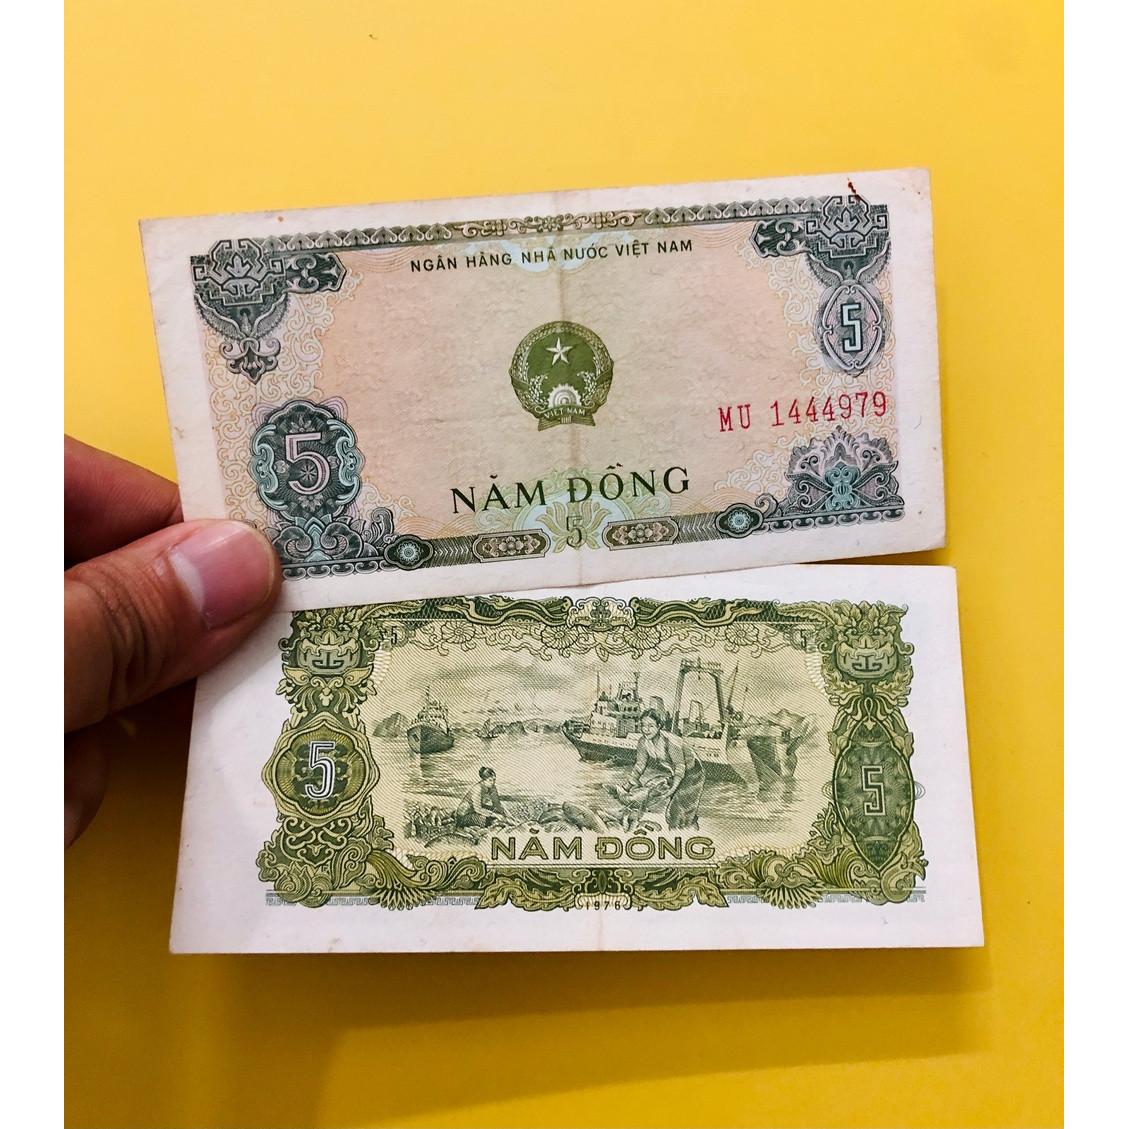 Tiền 5 đồng Việt Nam 1976, tiền xưa sưu tầm thời bao cấp